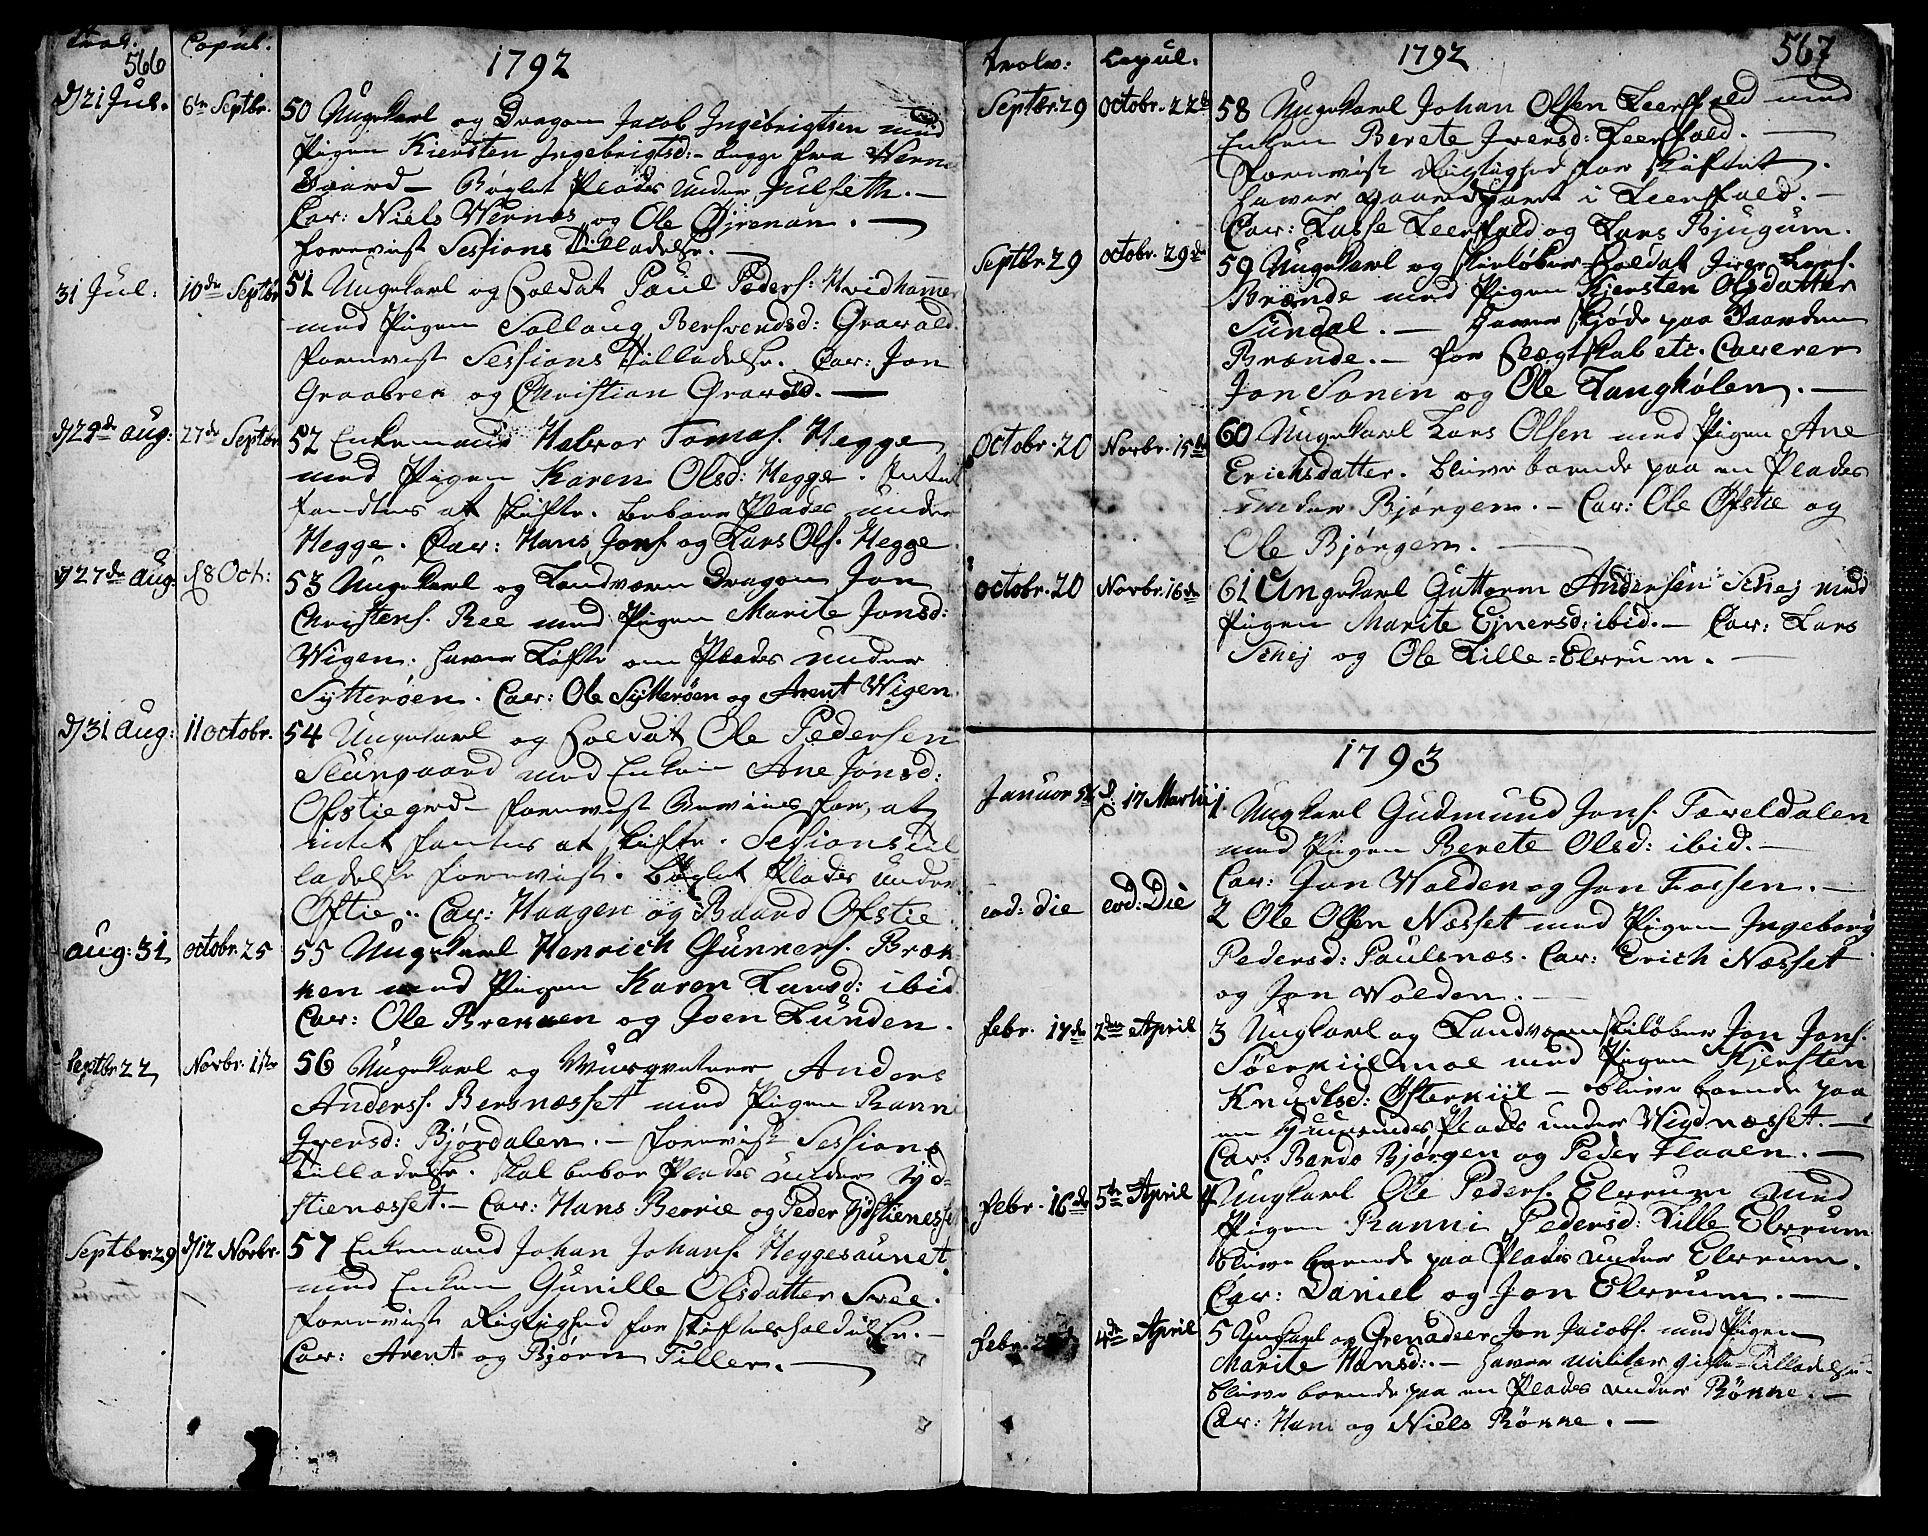 SAT, Ministerialprotokoller, klokkerbøker og fødselsregistre - Nord-Trøndelag, 709/L0059: Ministerialbok nr. 709A06, 1781-1797, s. 566-567